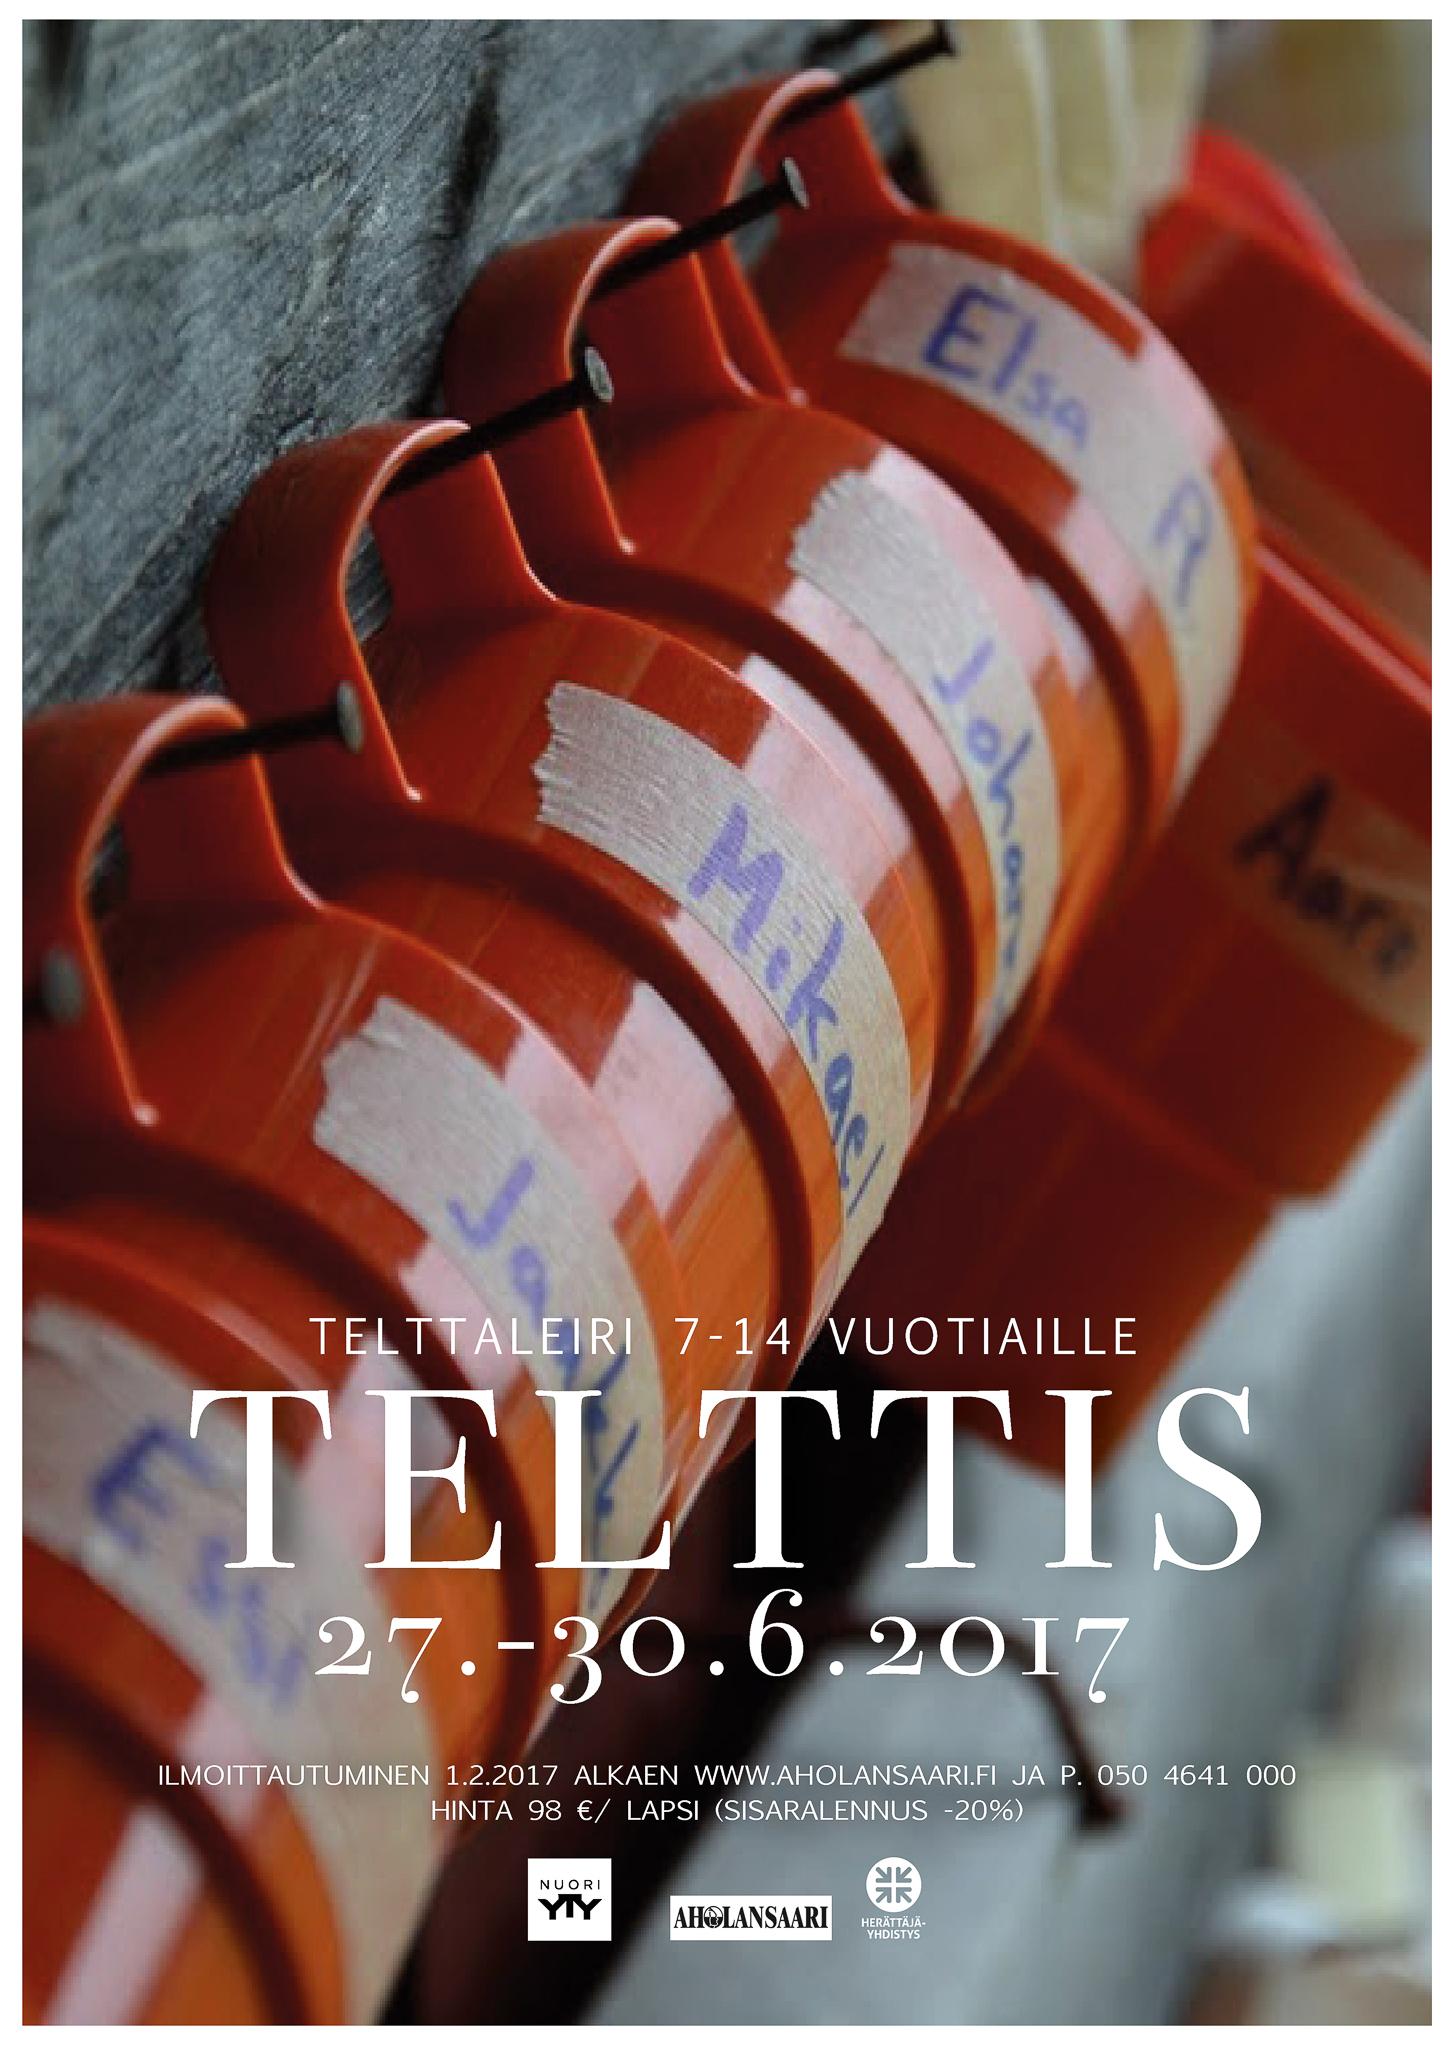 Telttis_2017